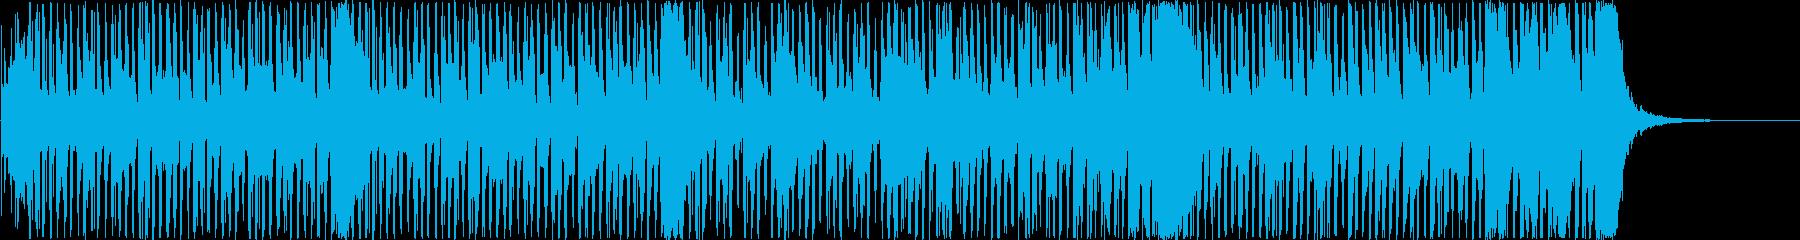 ポップな雰囲気で動画のBGMに最適の再生済みの波形